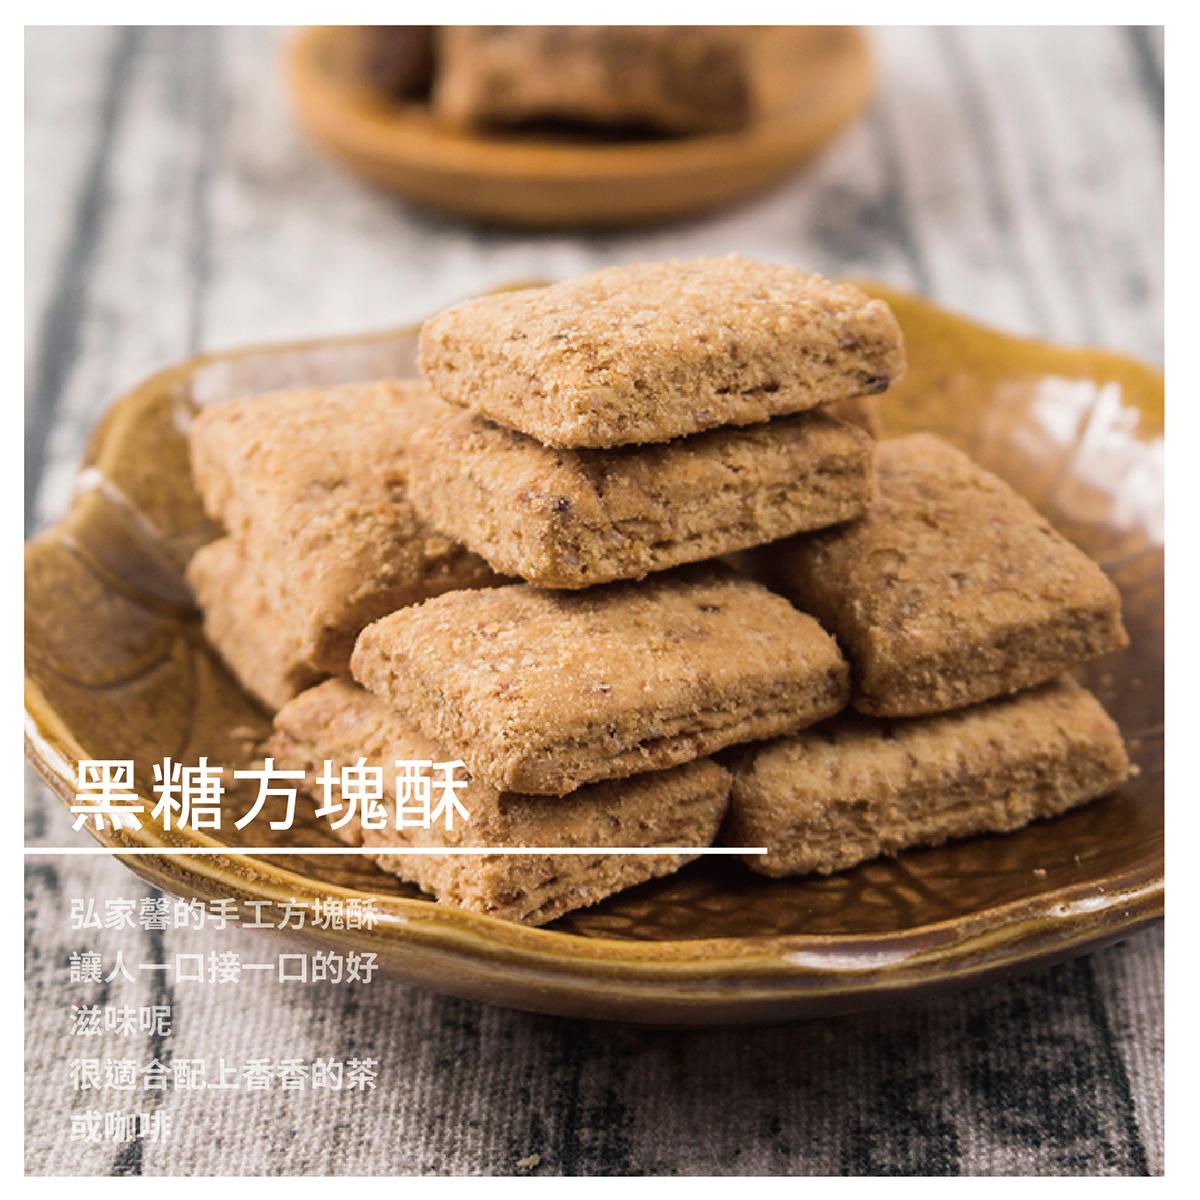 【弘家馨食品】黑糖方塊酥(全素)250g/包